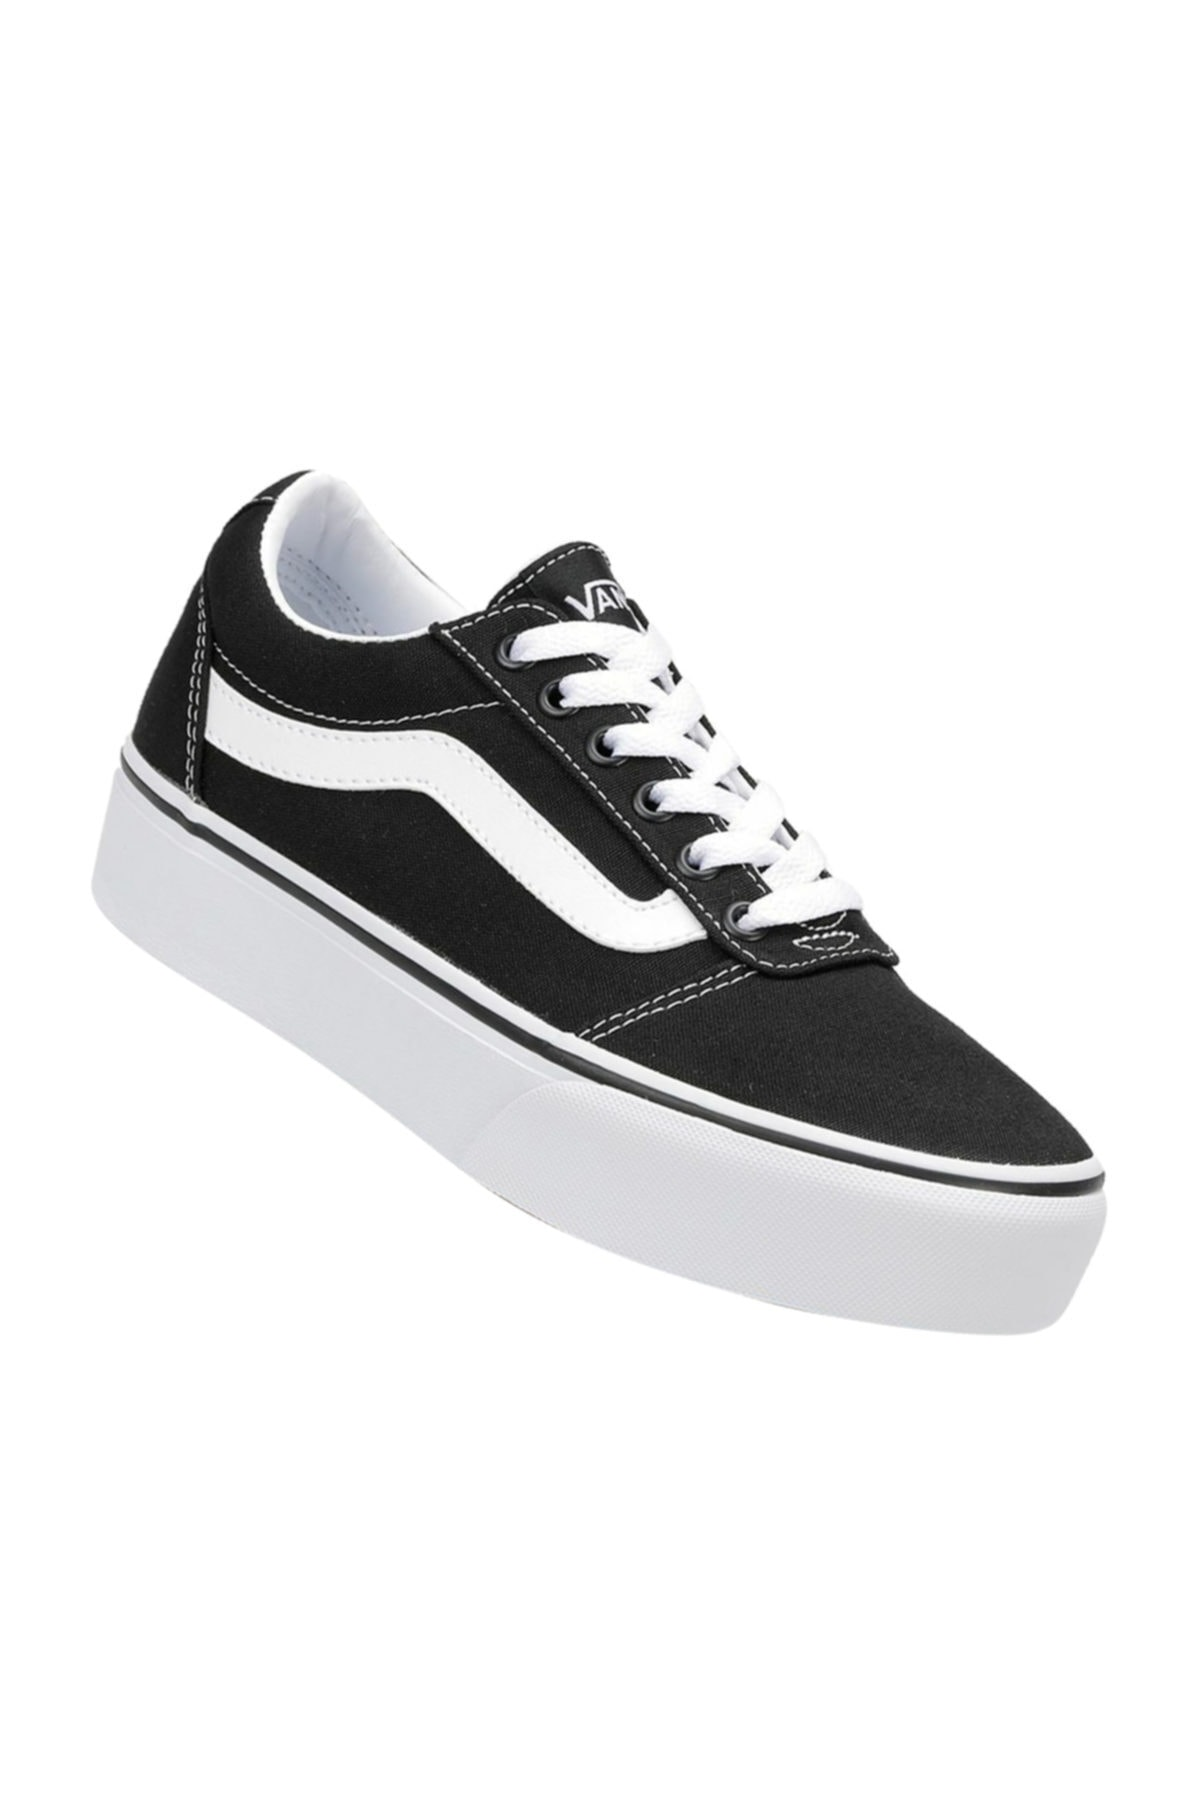 Vans WM WARD PLATFORM Siyah Kadın Sneaker Ayakkabı 100394210 2